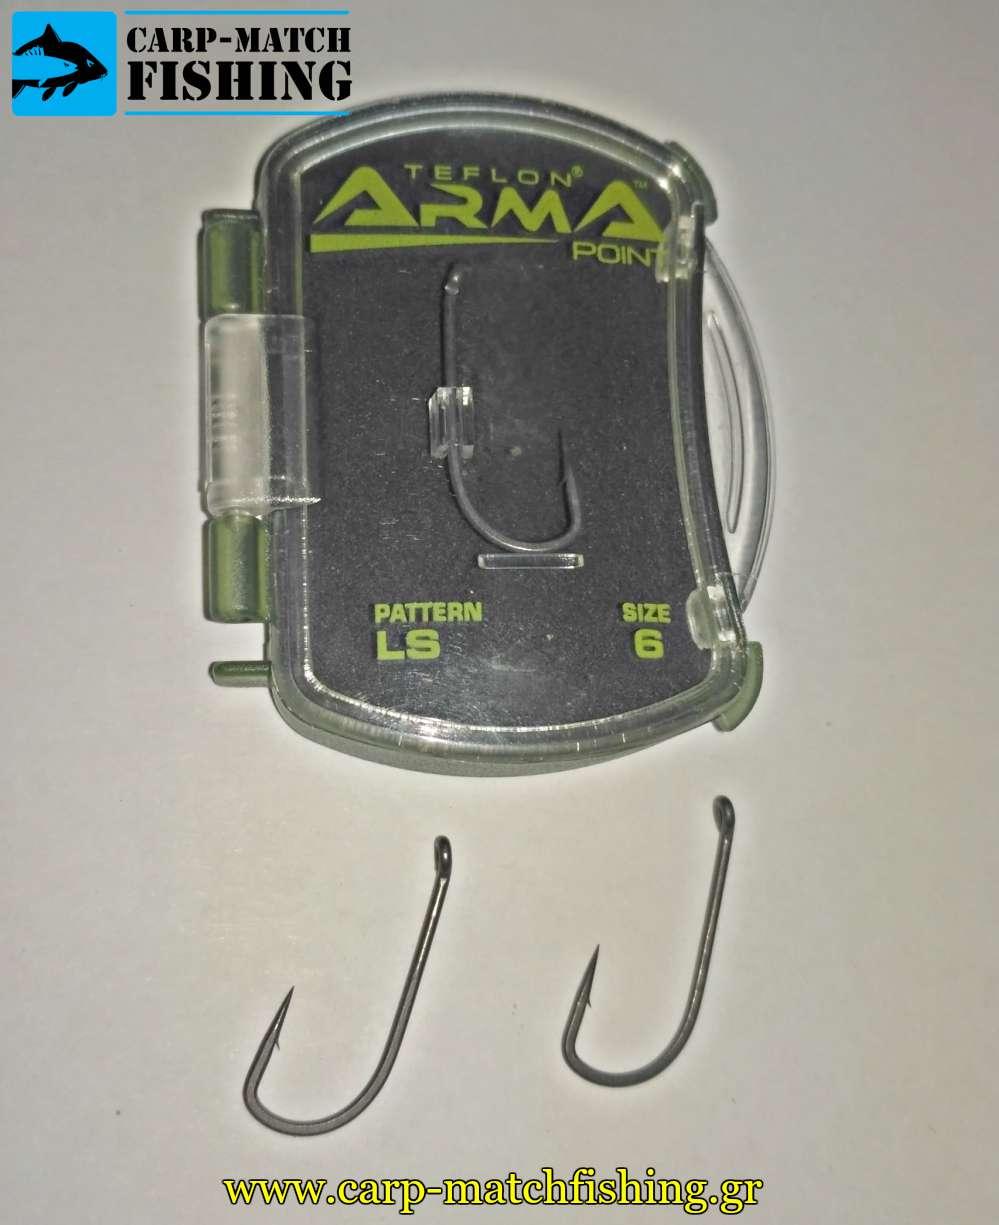 longshank hooks fox arma extreme fishing apilogi agkistriou carpmatchfishing